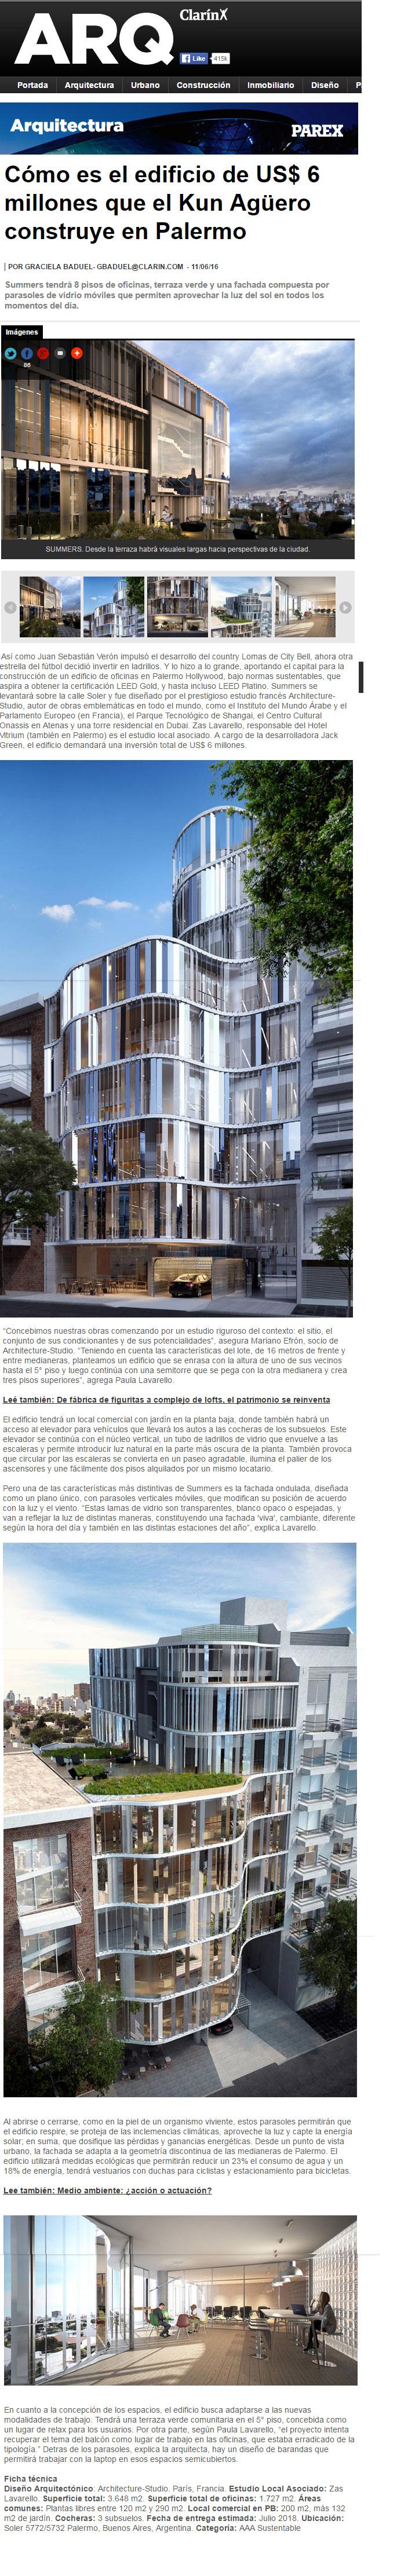 11-03-2016-Clarín-Aruitectura-Cómo-es-el-edificio-de-US$-6-millones-que-el-Kun-Agüero-construye-en-Palermo